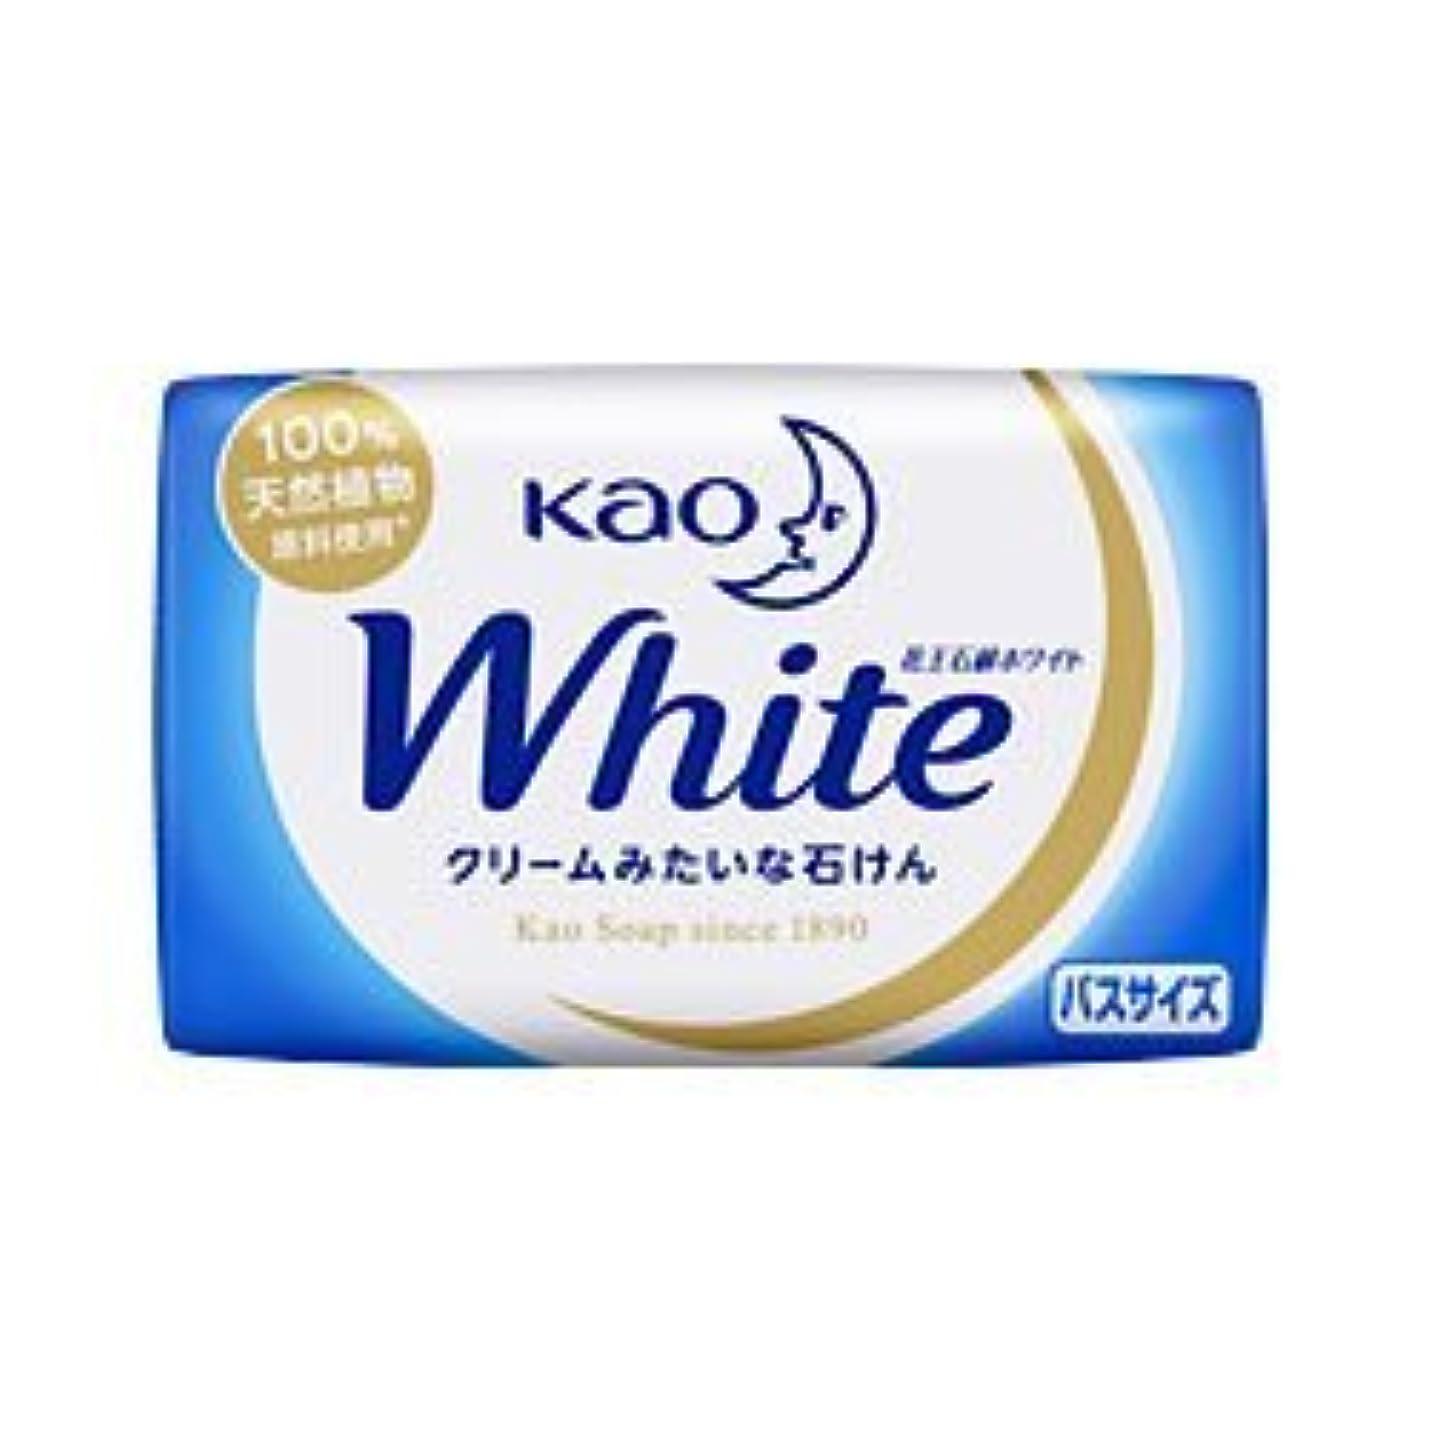 北東ヘルパー撤回する【花王】花王ホワイト バスサイズ 1個 130g ×10個セット